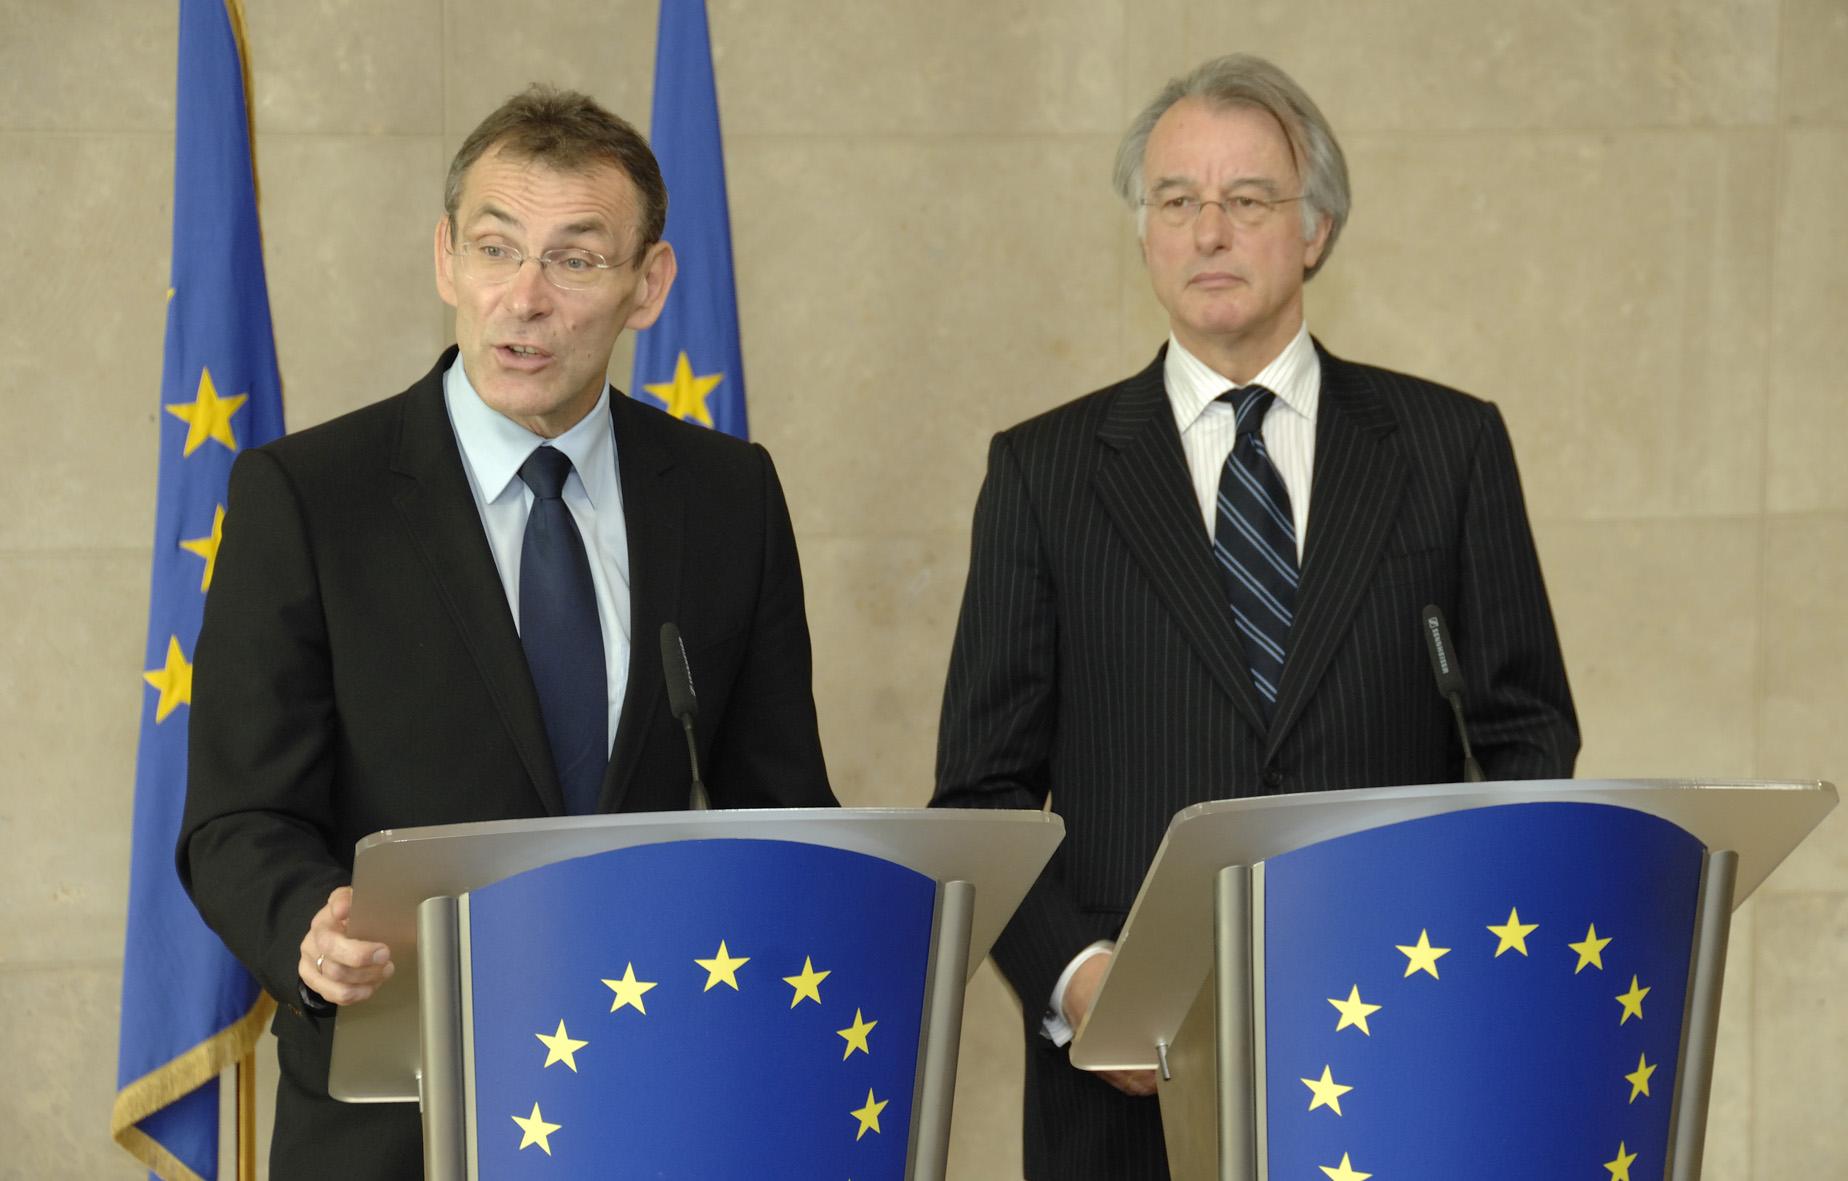 Visite de Jozias van Aartsen, coordinateur du projet de gazoduc Nabucco pour l'UE, à la CE